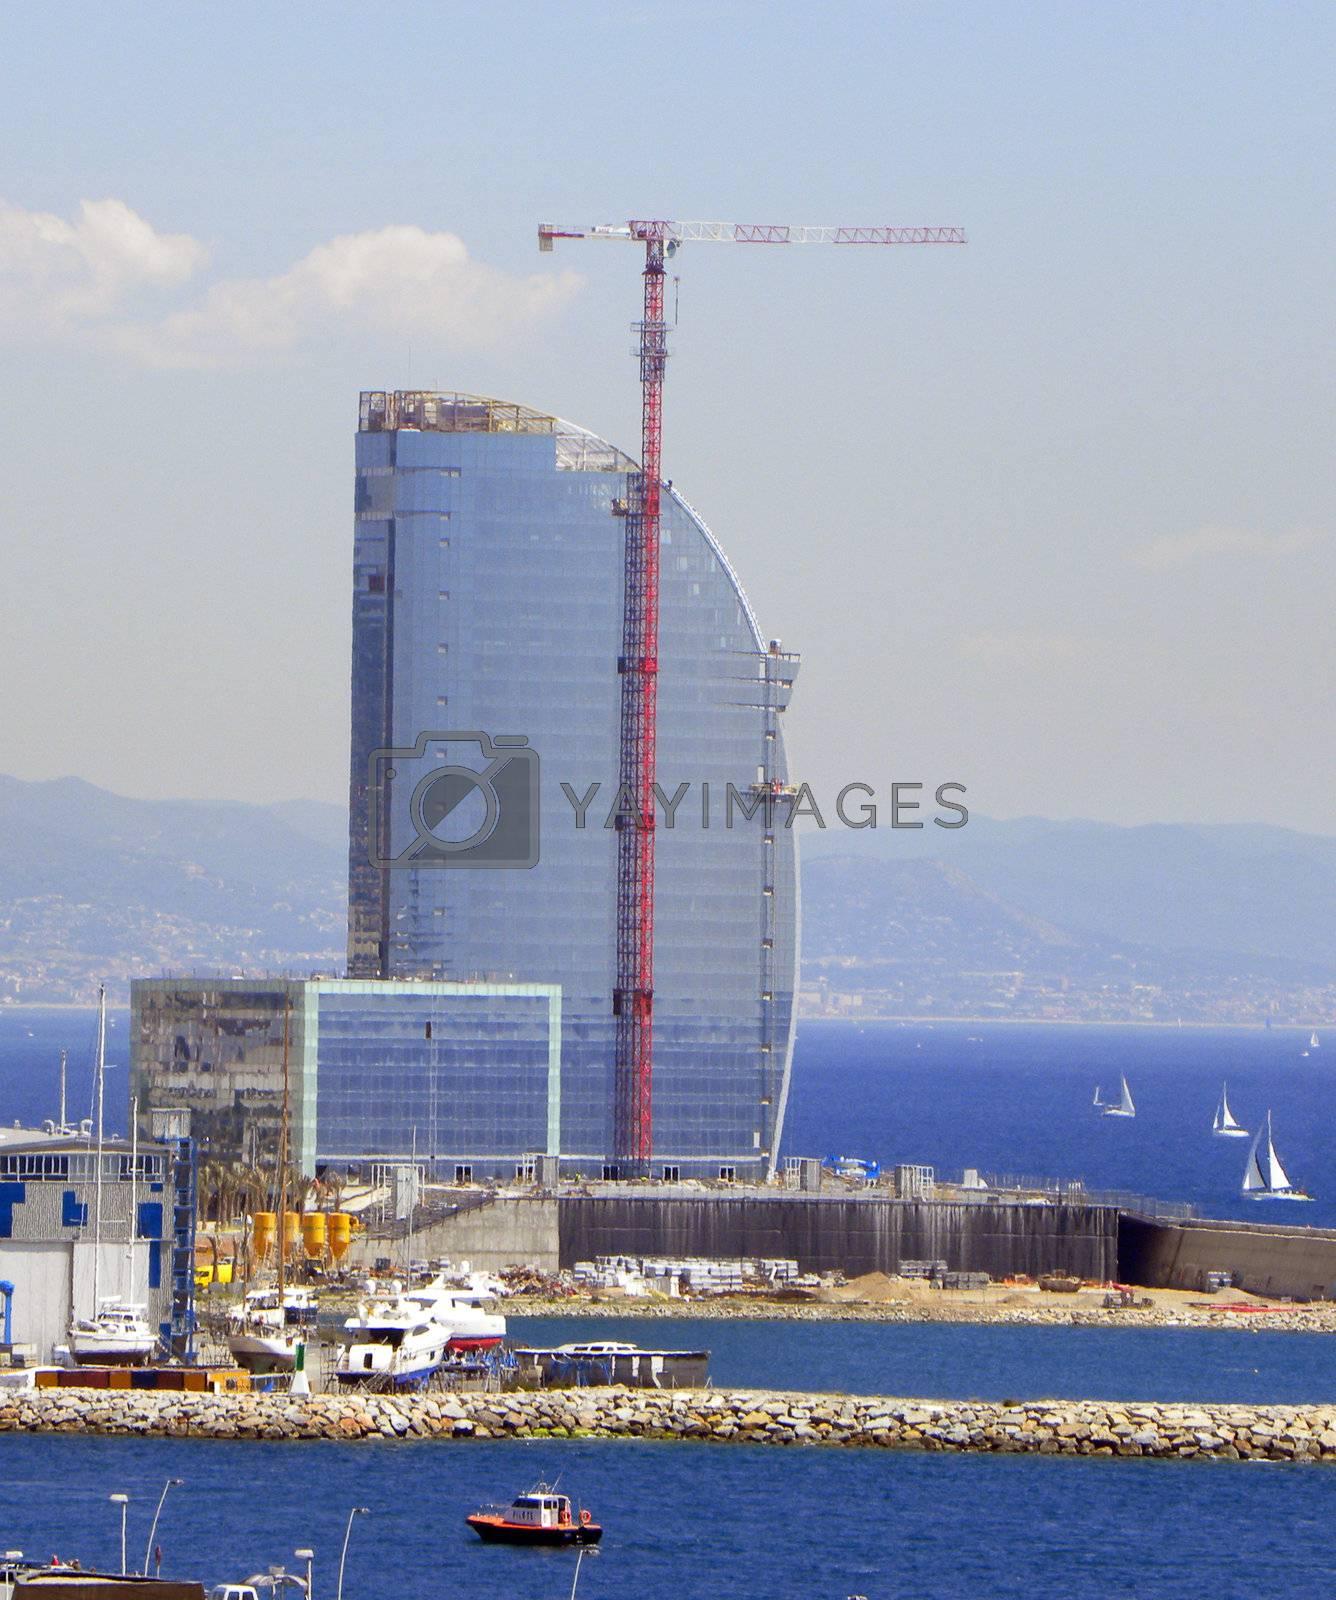 Skyscraper under construction on the sea